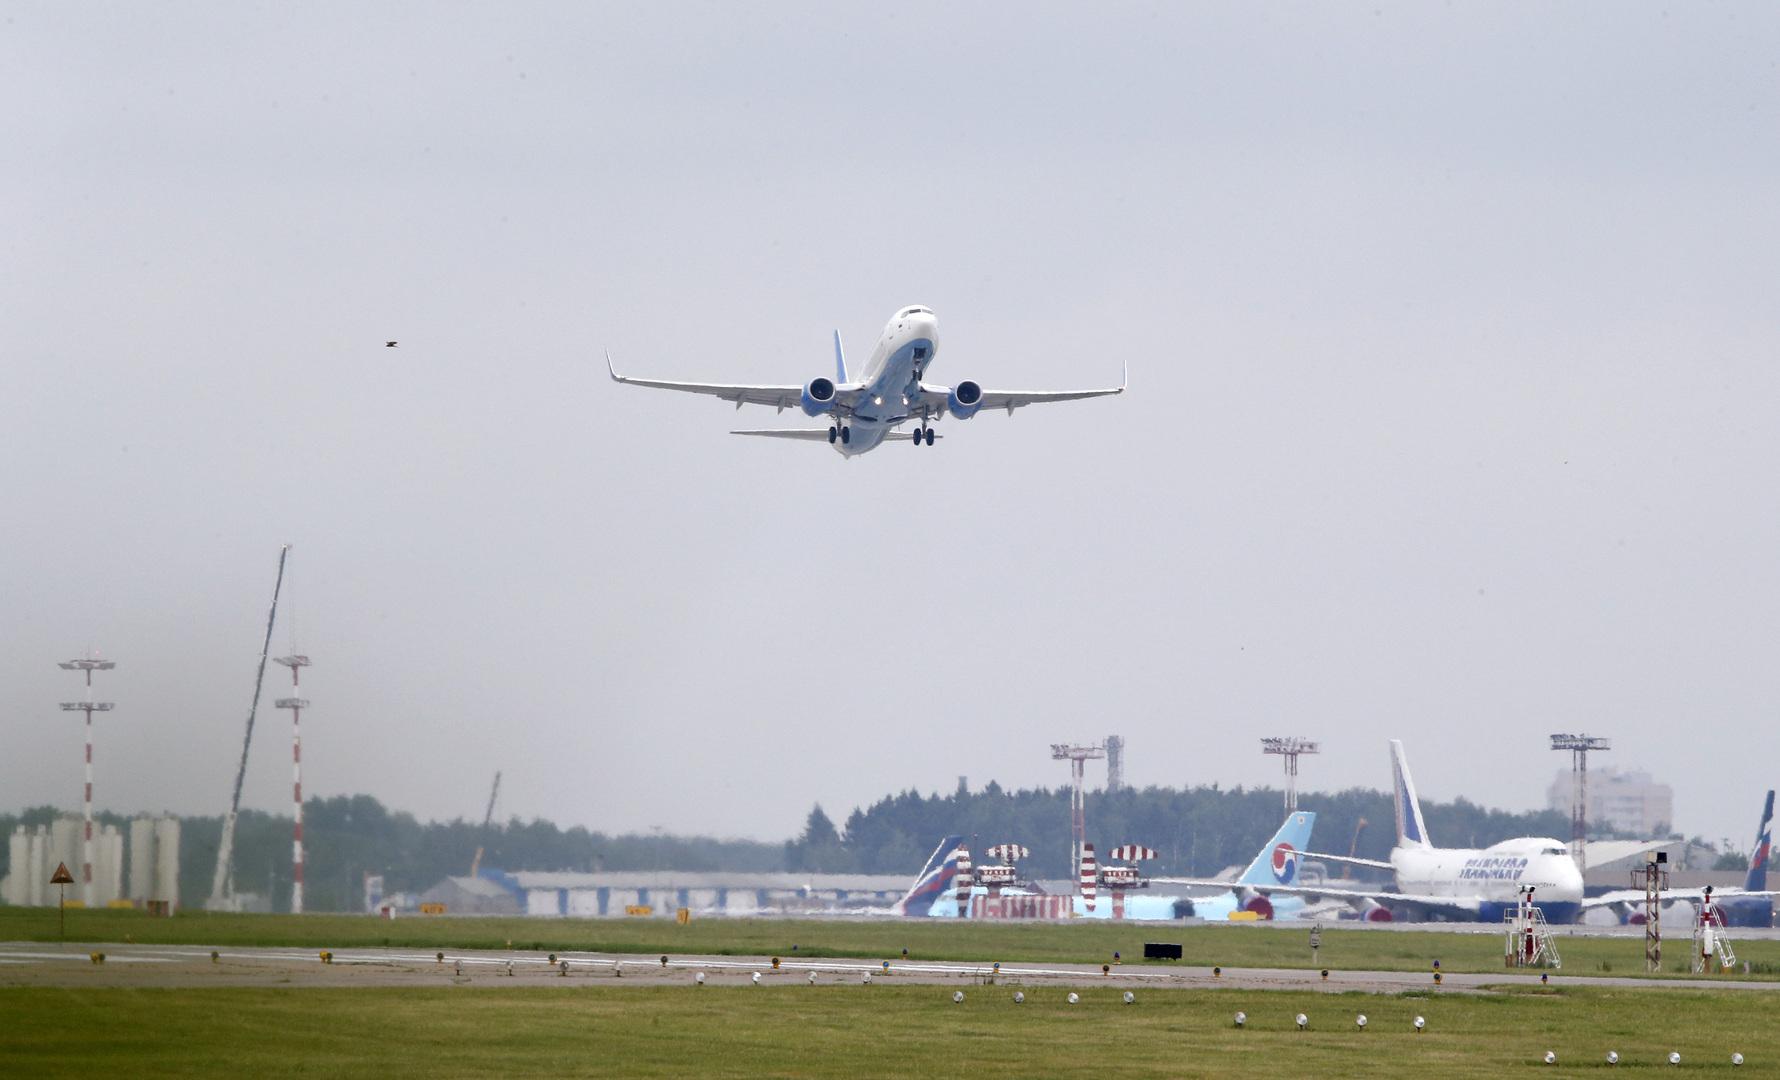 عودة طائرة بوينغ روسية متجهة لتل أبيب بعد إقلاعها